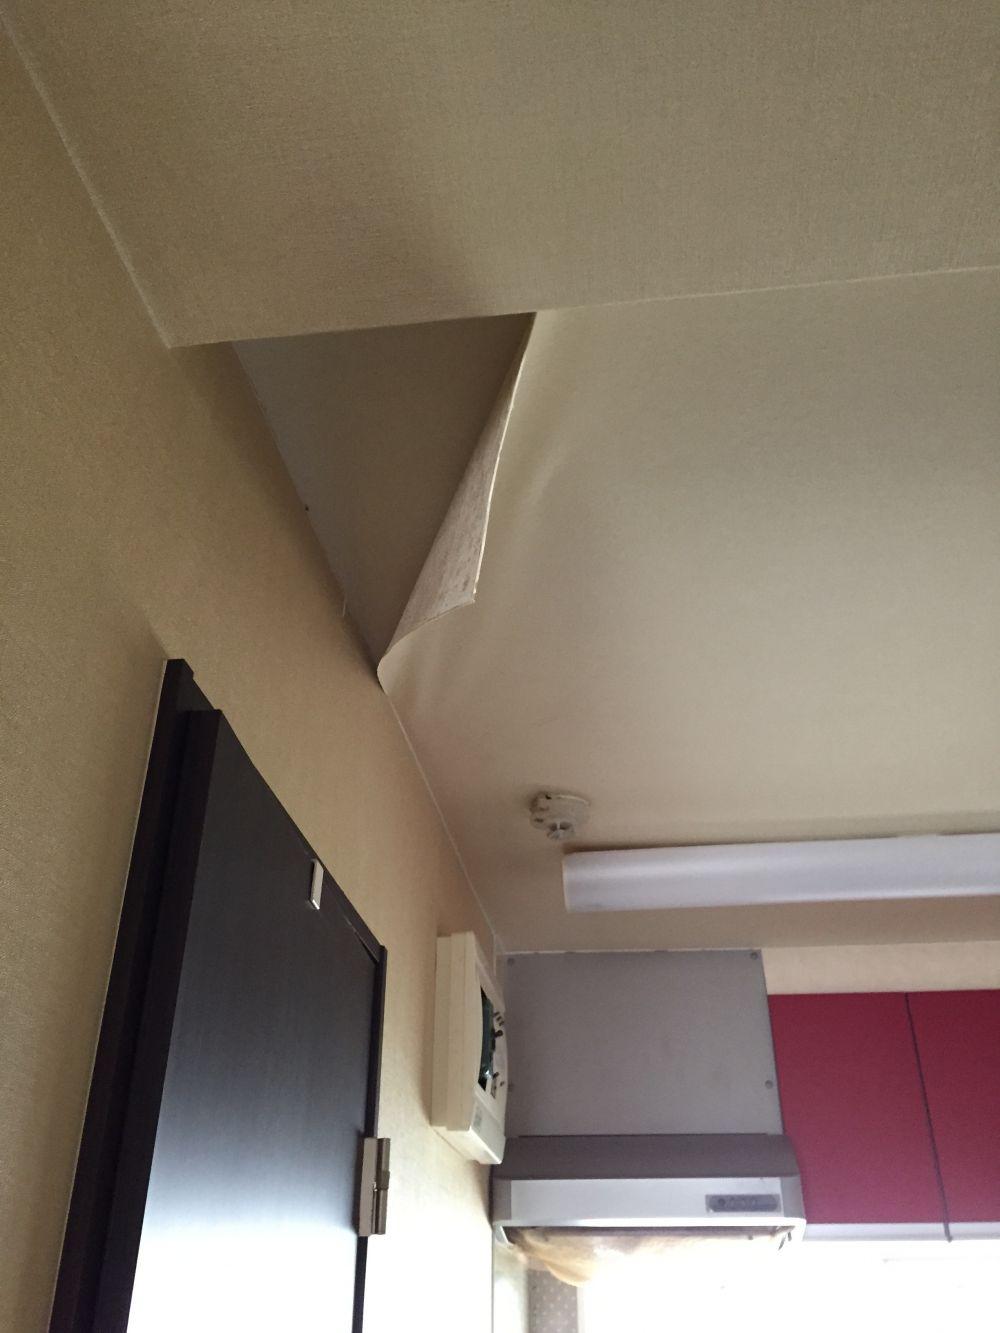 キッチンそばの天井の壁紙の一部が剥がれ たて50 よこ1mくらい リフォームのことなら家仲間コム